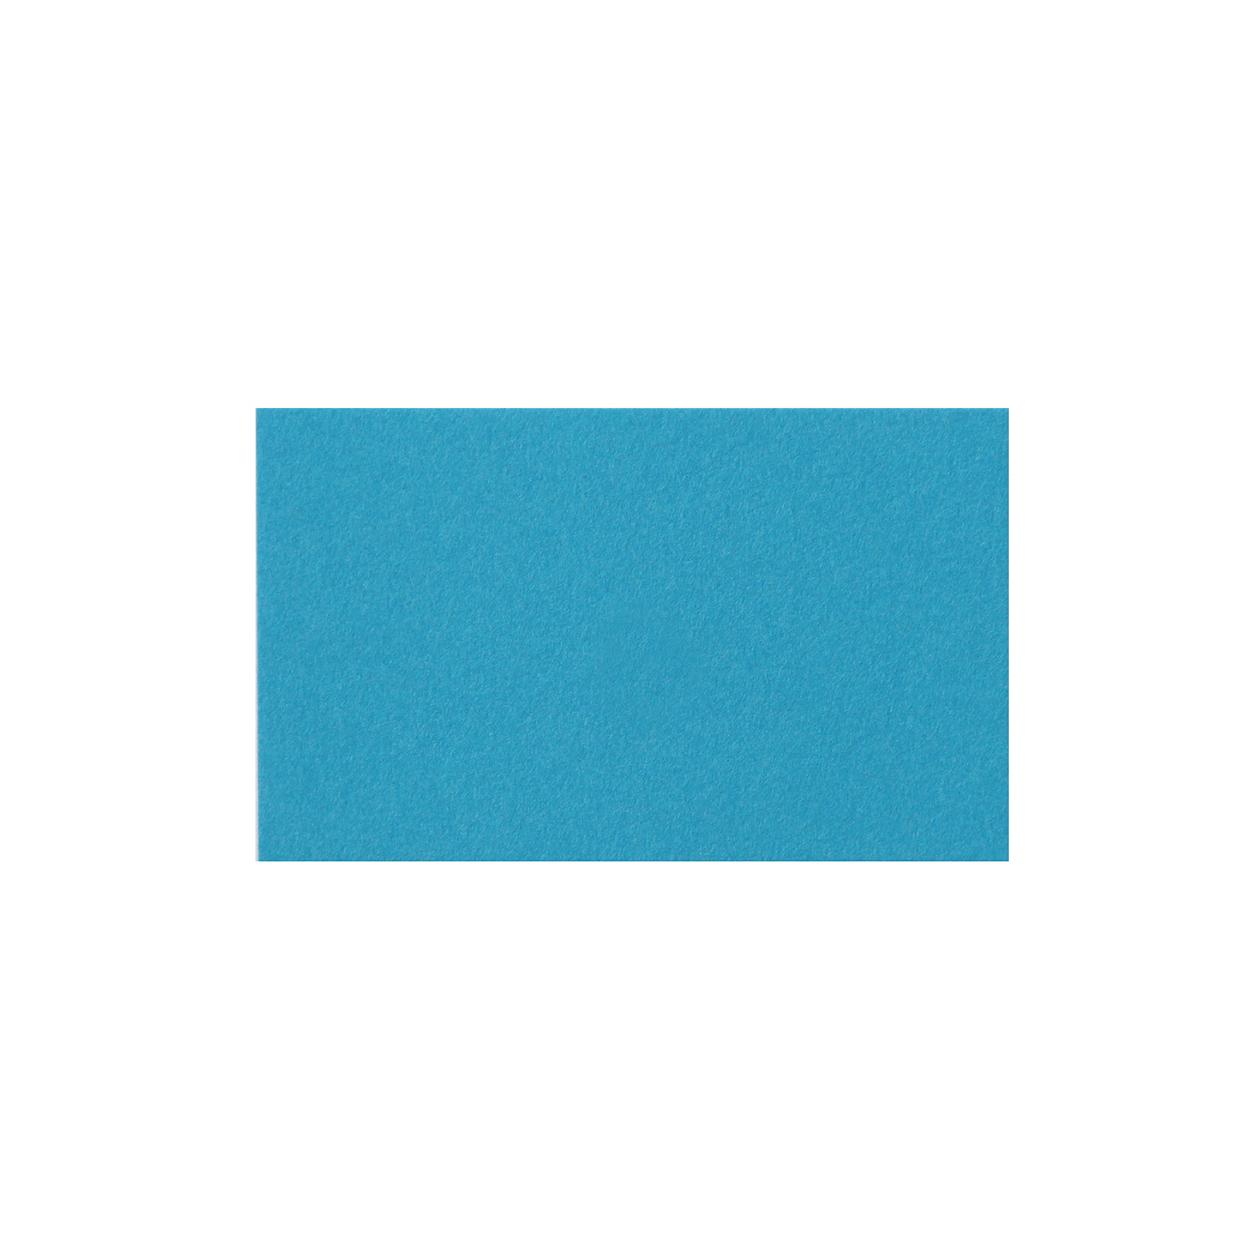 ネームカード コットン(NTラシャ) るり 151.2g